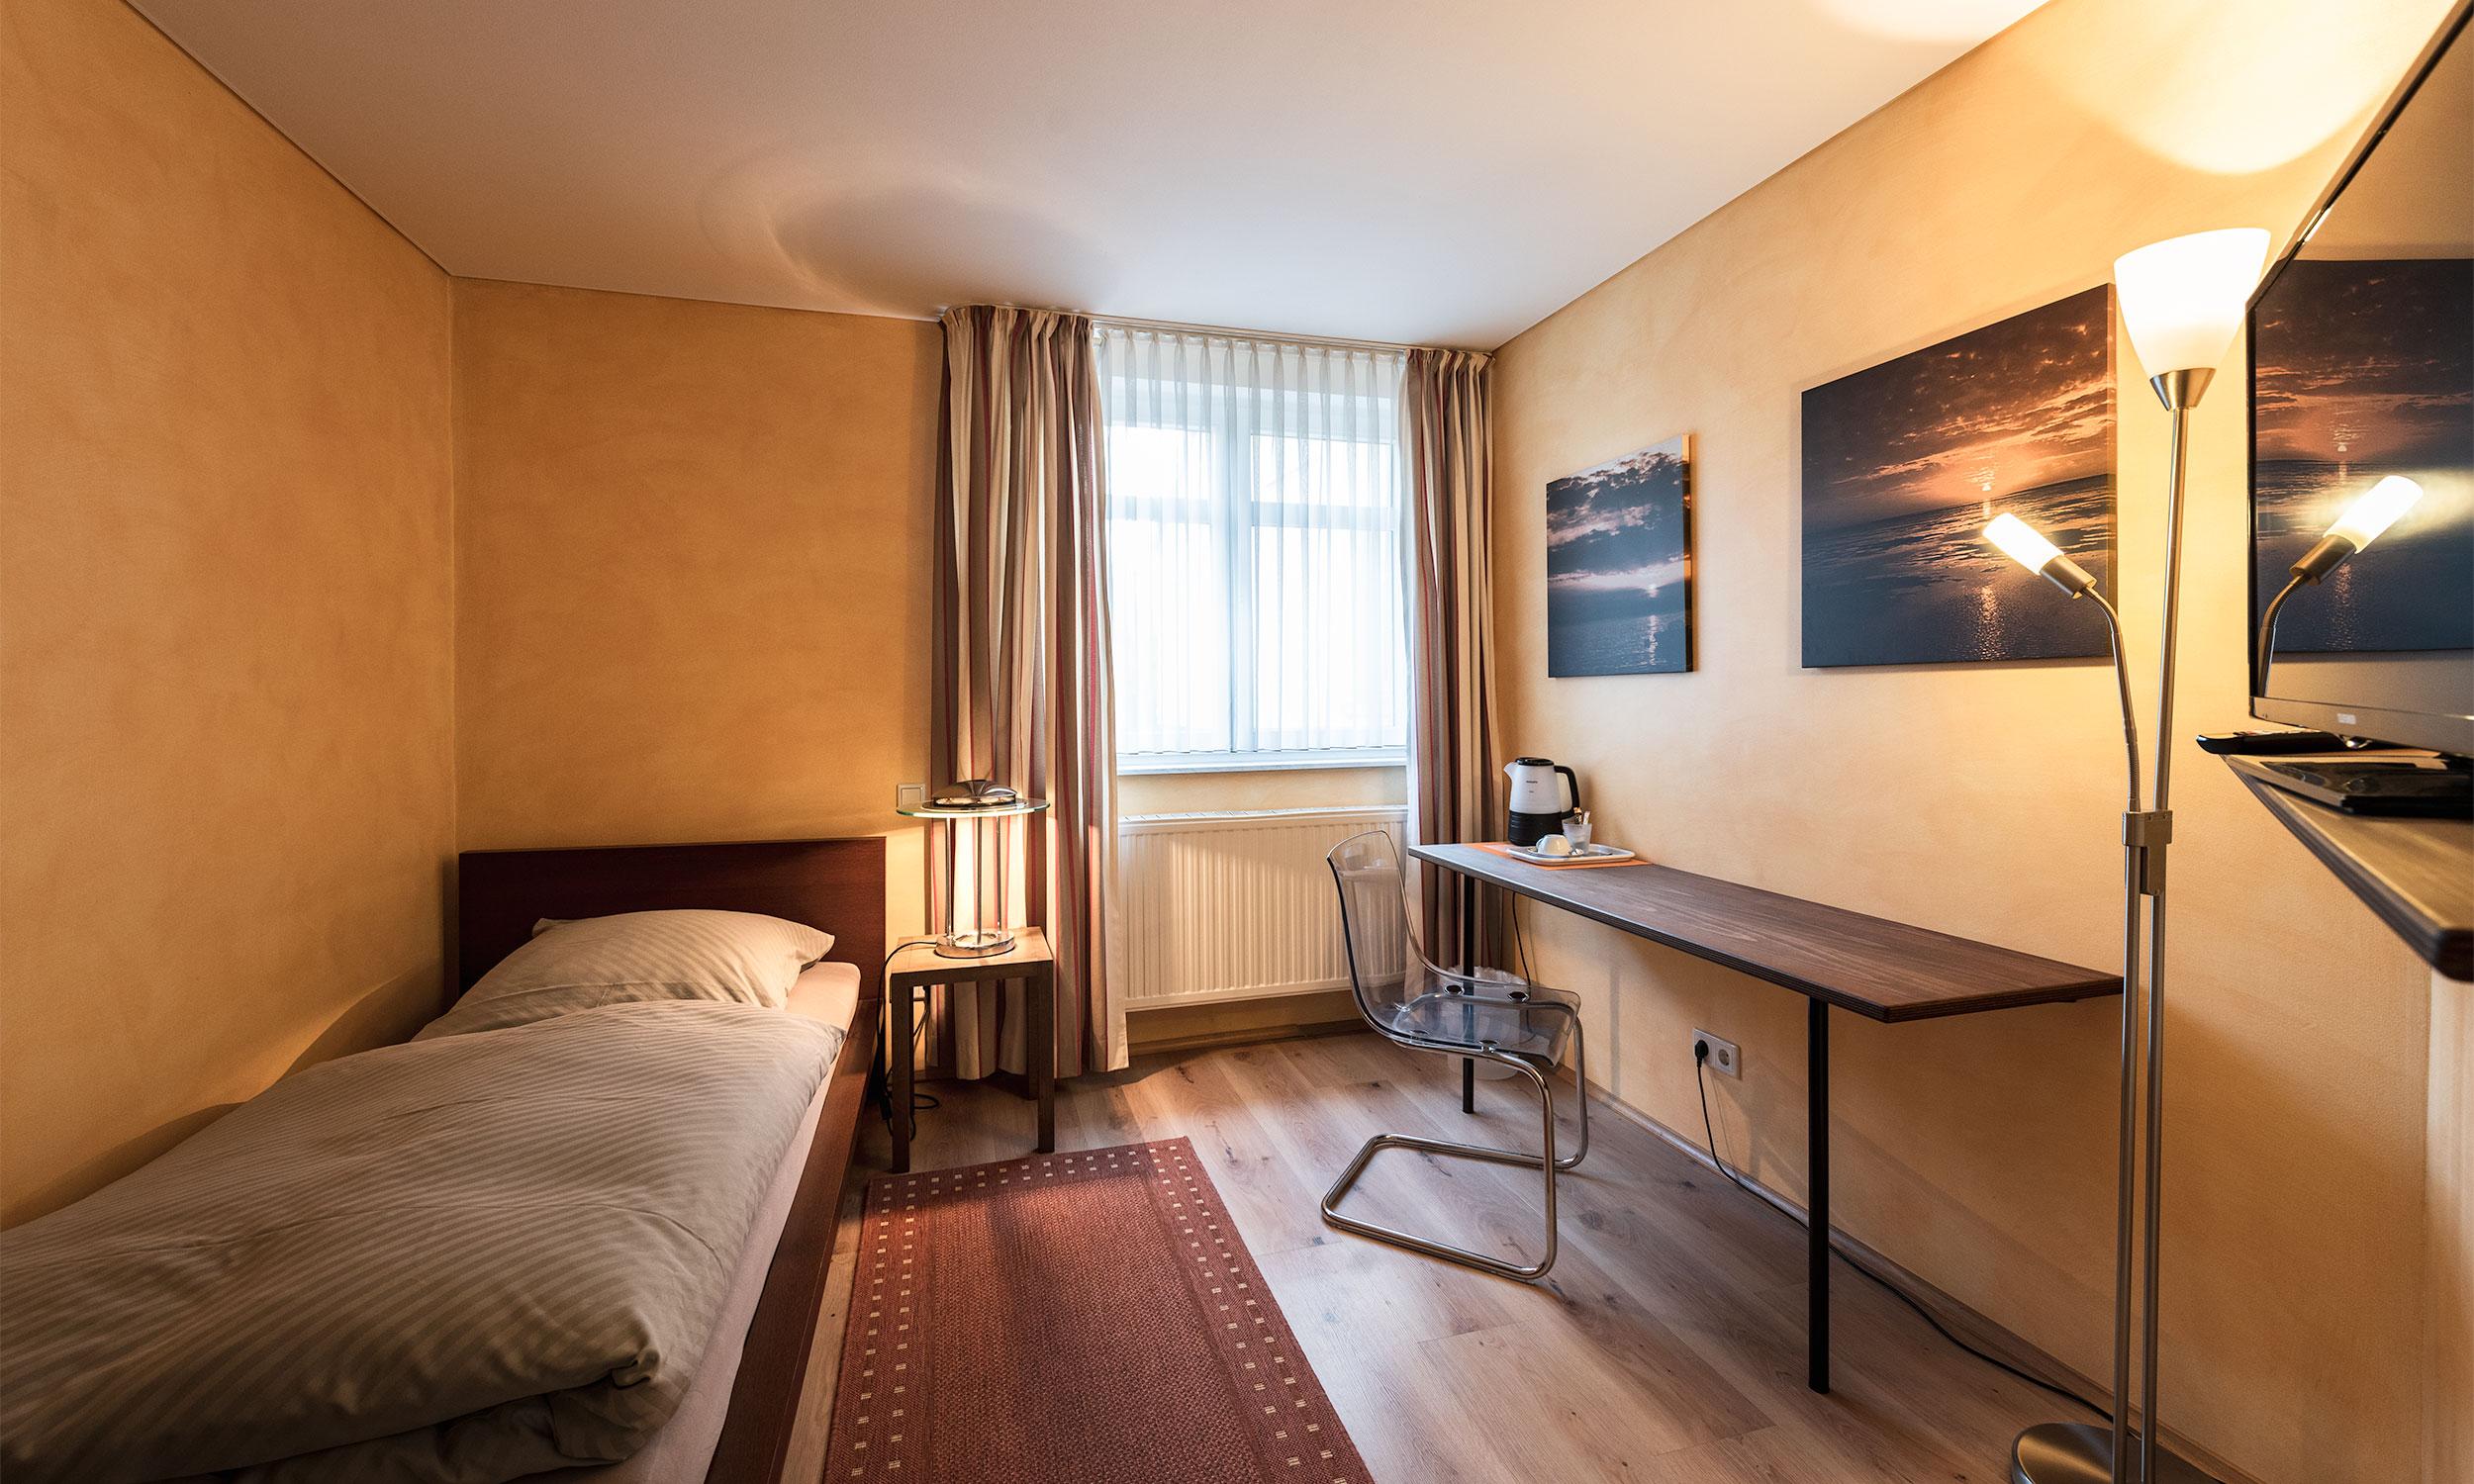 Einzelzimmer in Ratingen – Hotel Die Krone Homberg